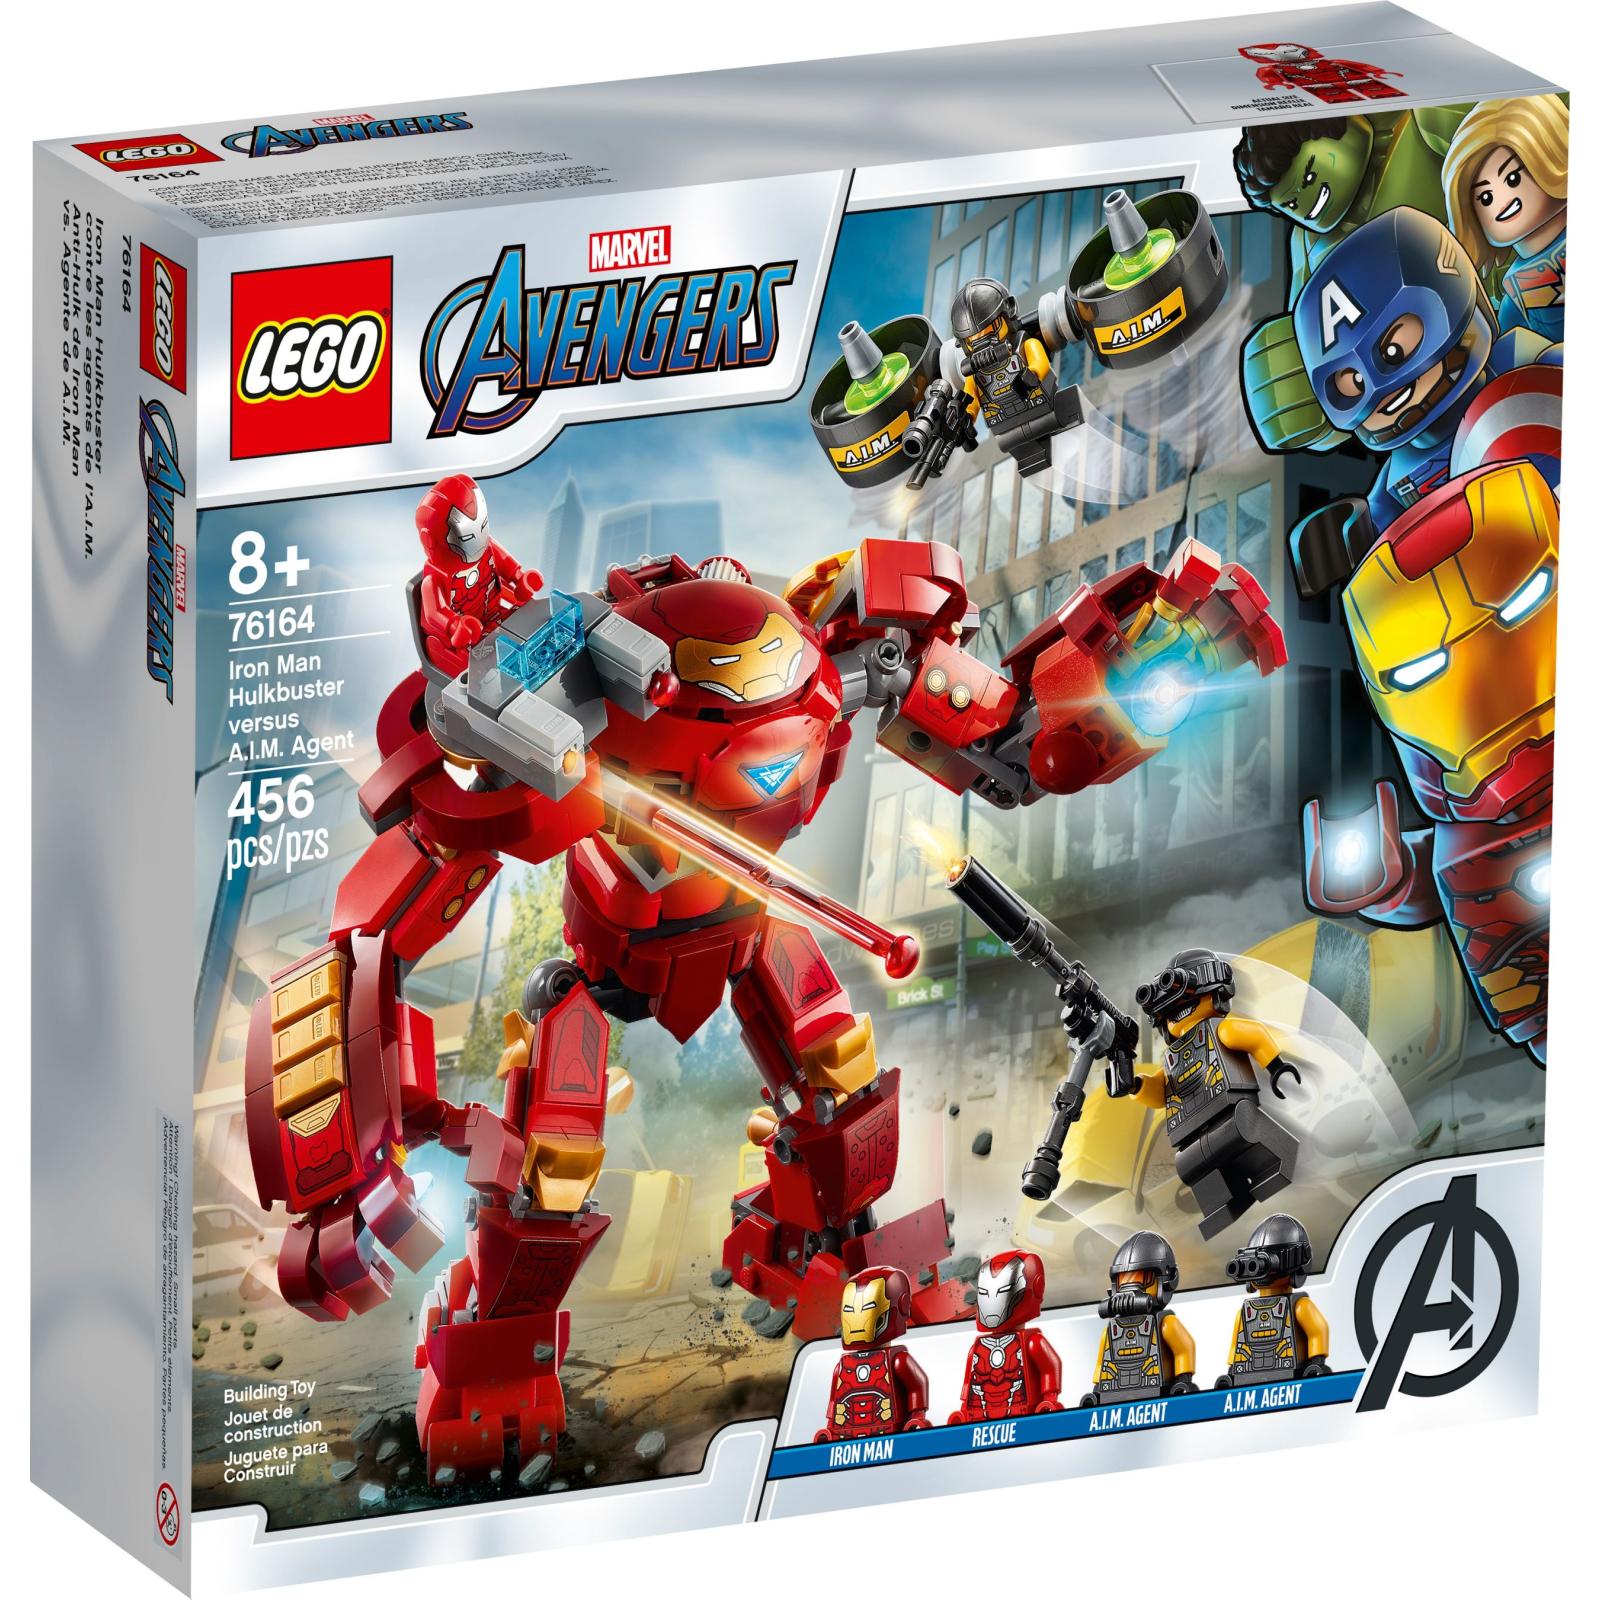 Конструктор LEGO Super Heroes Marvel Comics Халкбастер против агента А.И.М. (76164)